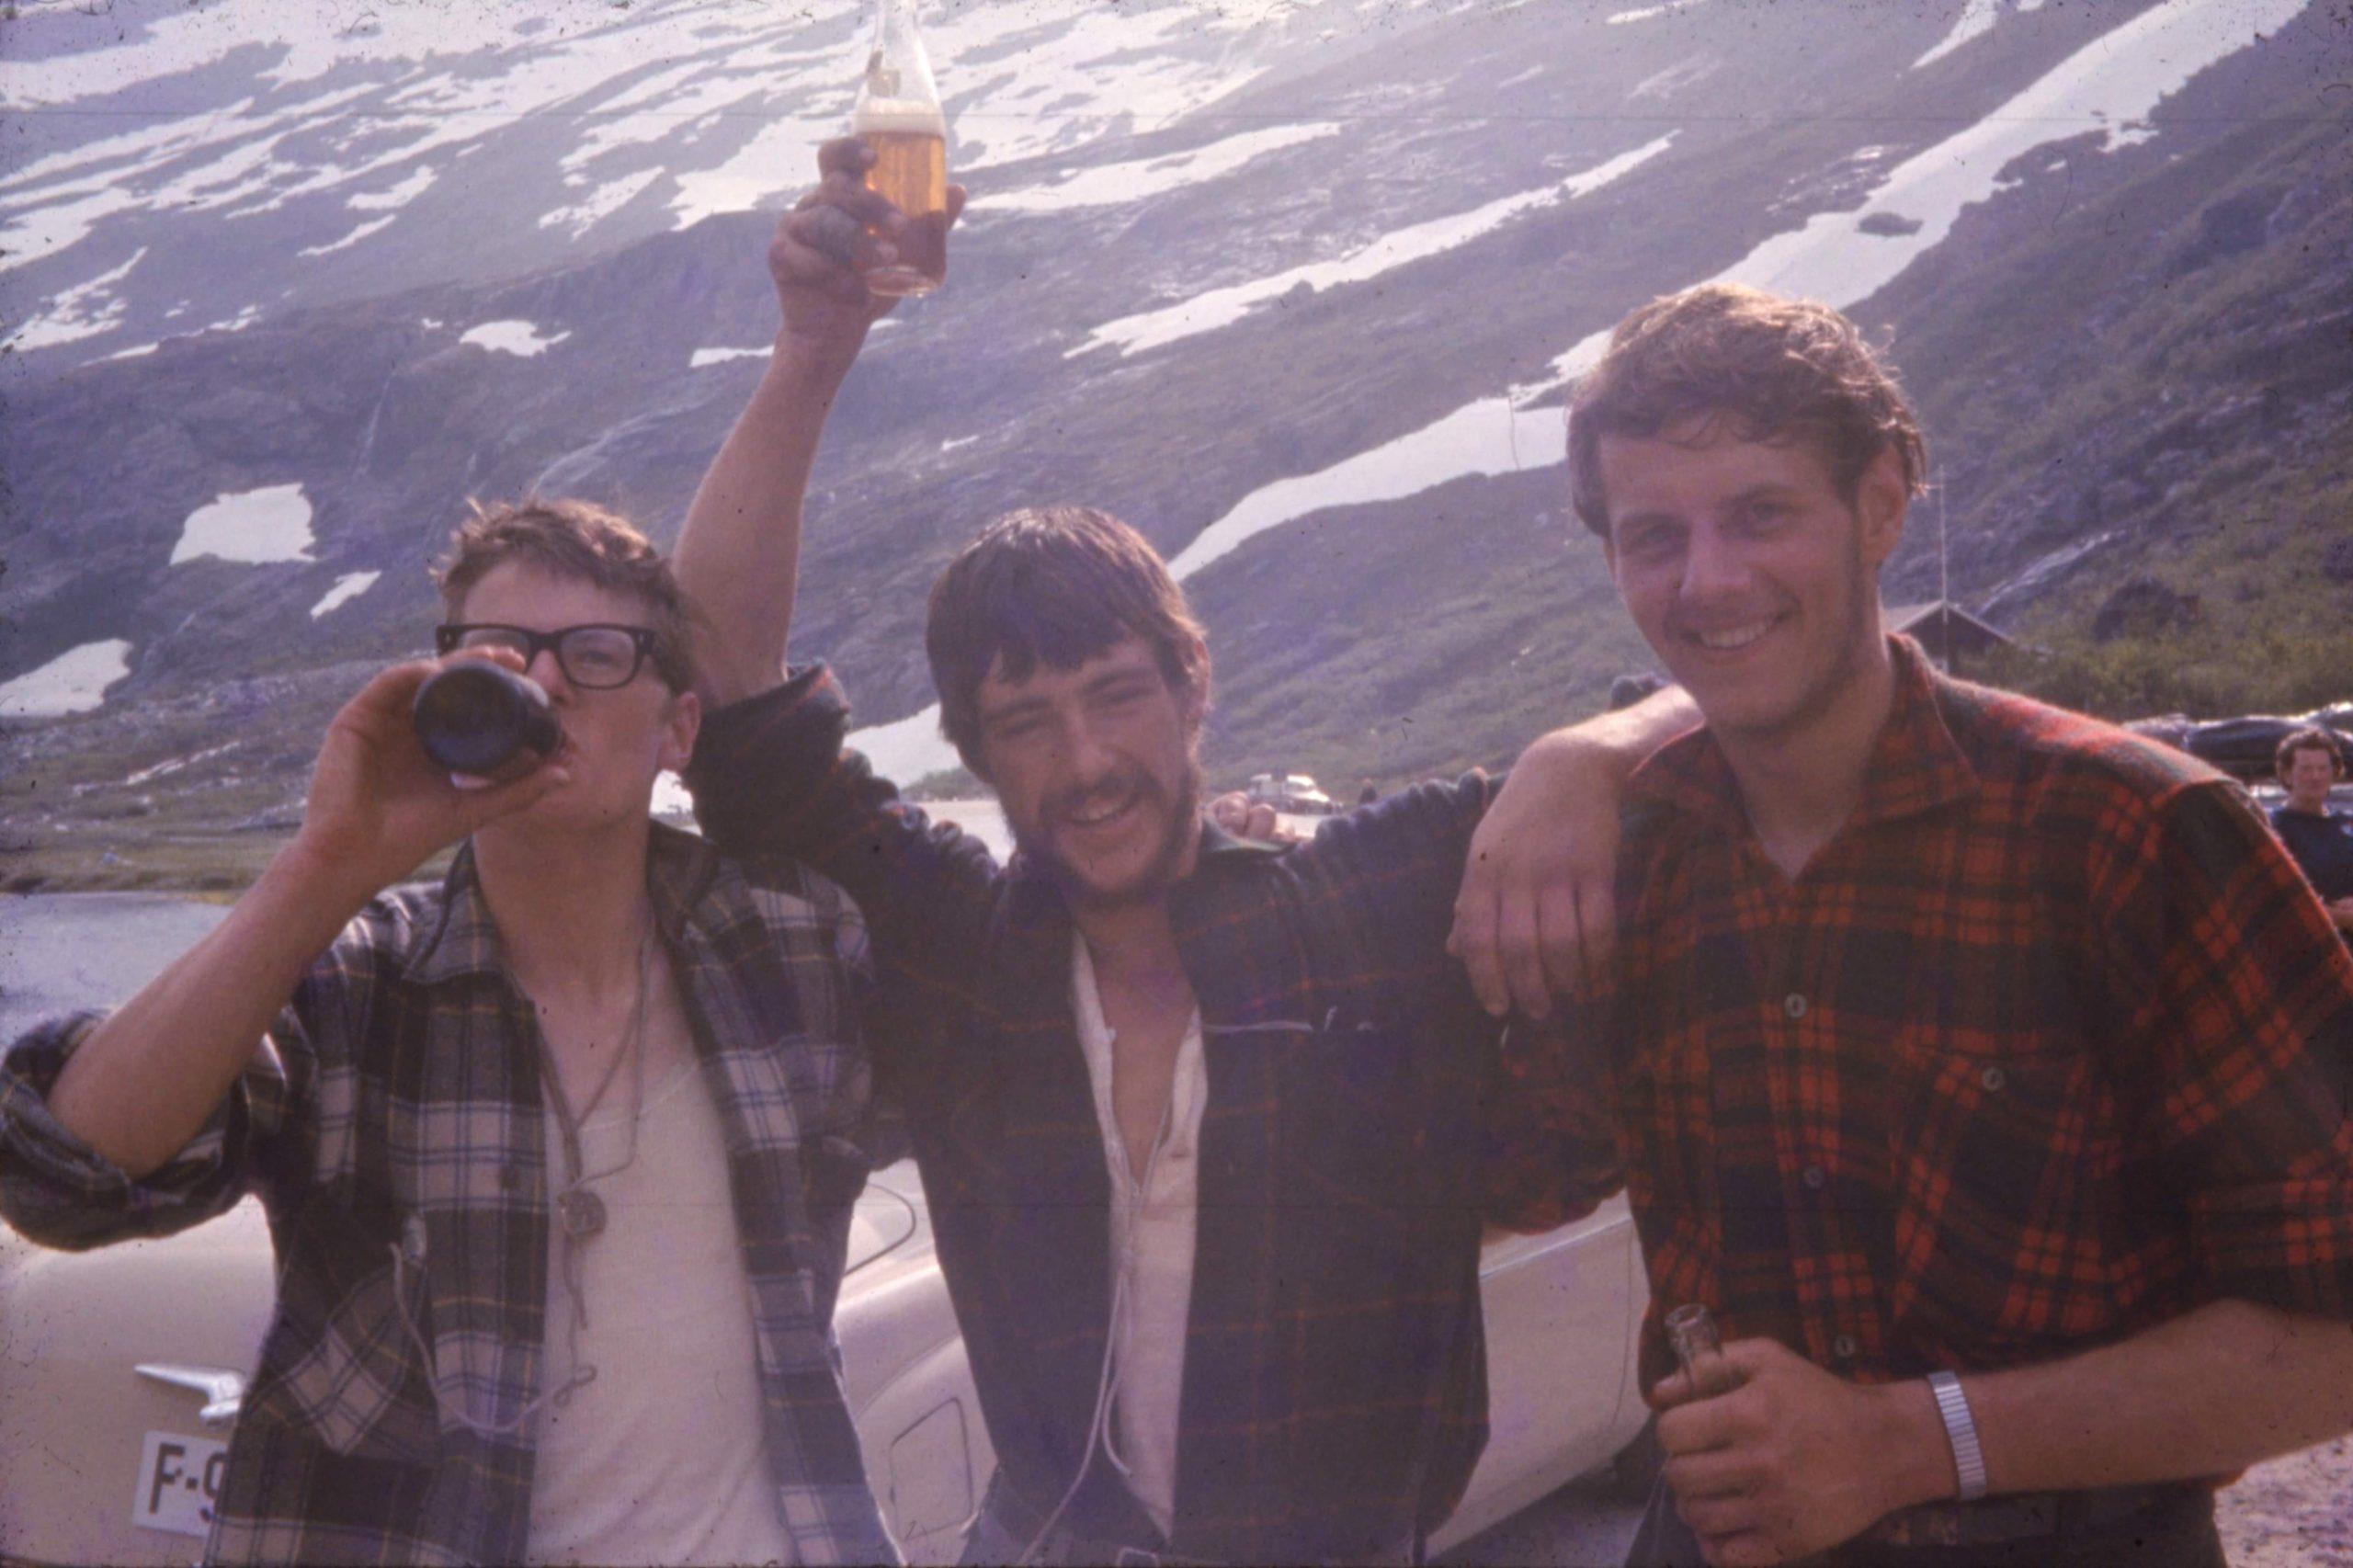 Bill, Tony and John at Trollstigen after they climbed the Troll Wall. Photo: The Tony Howard Collection.